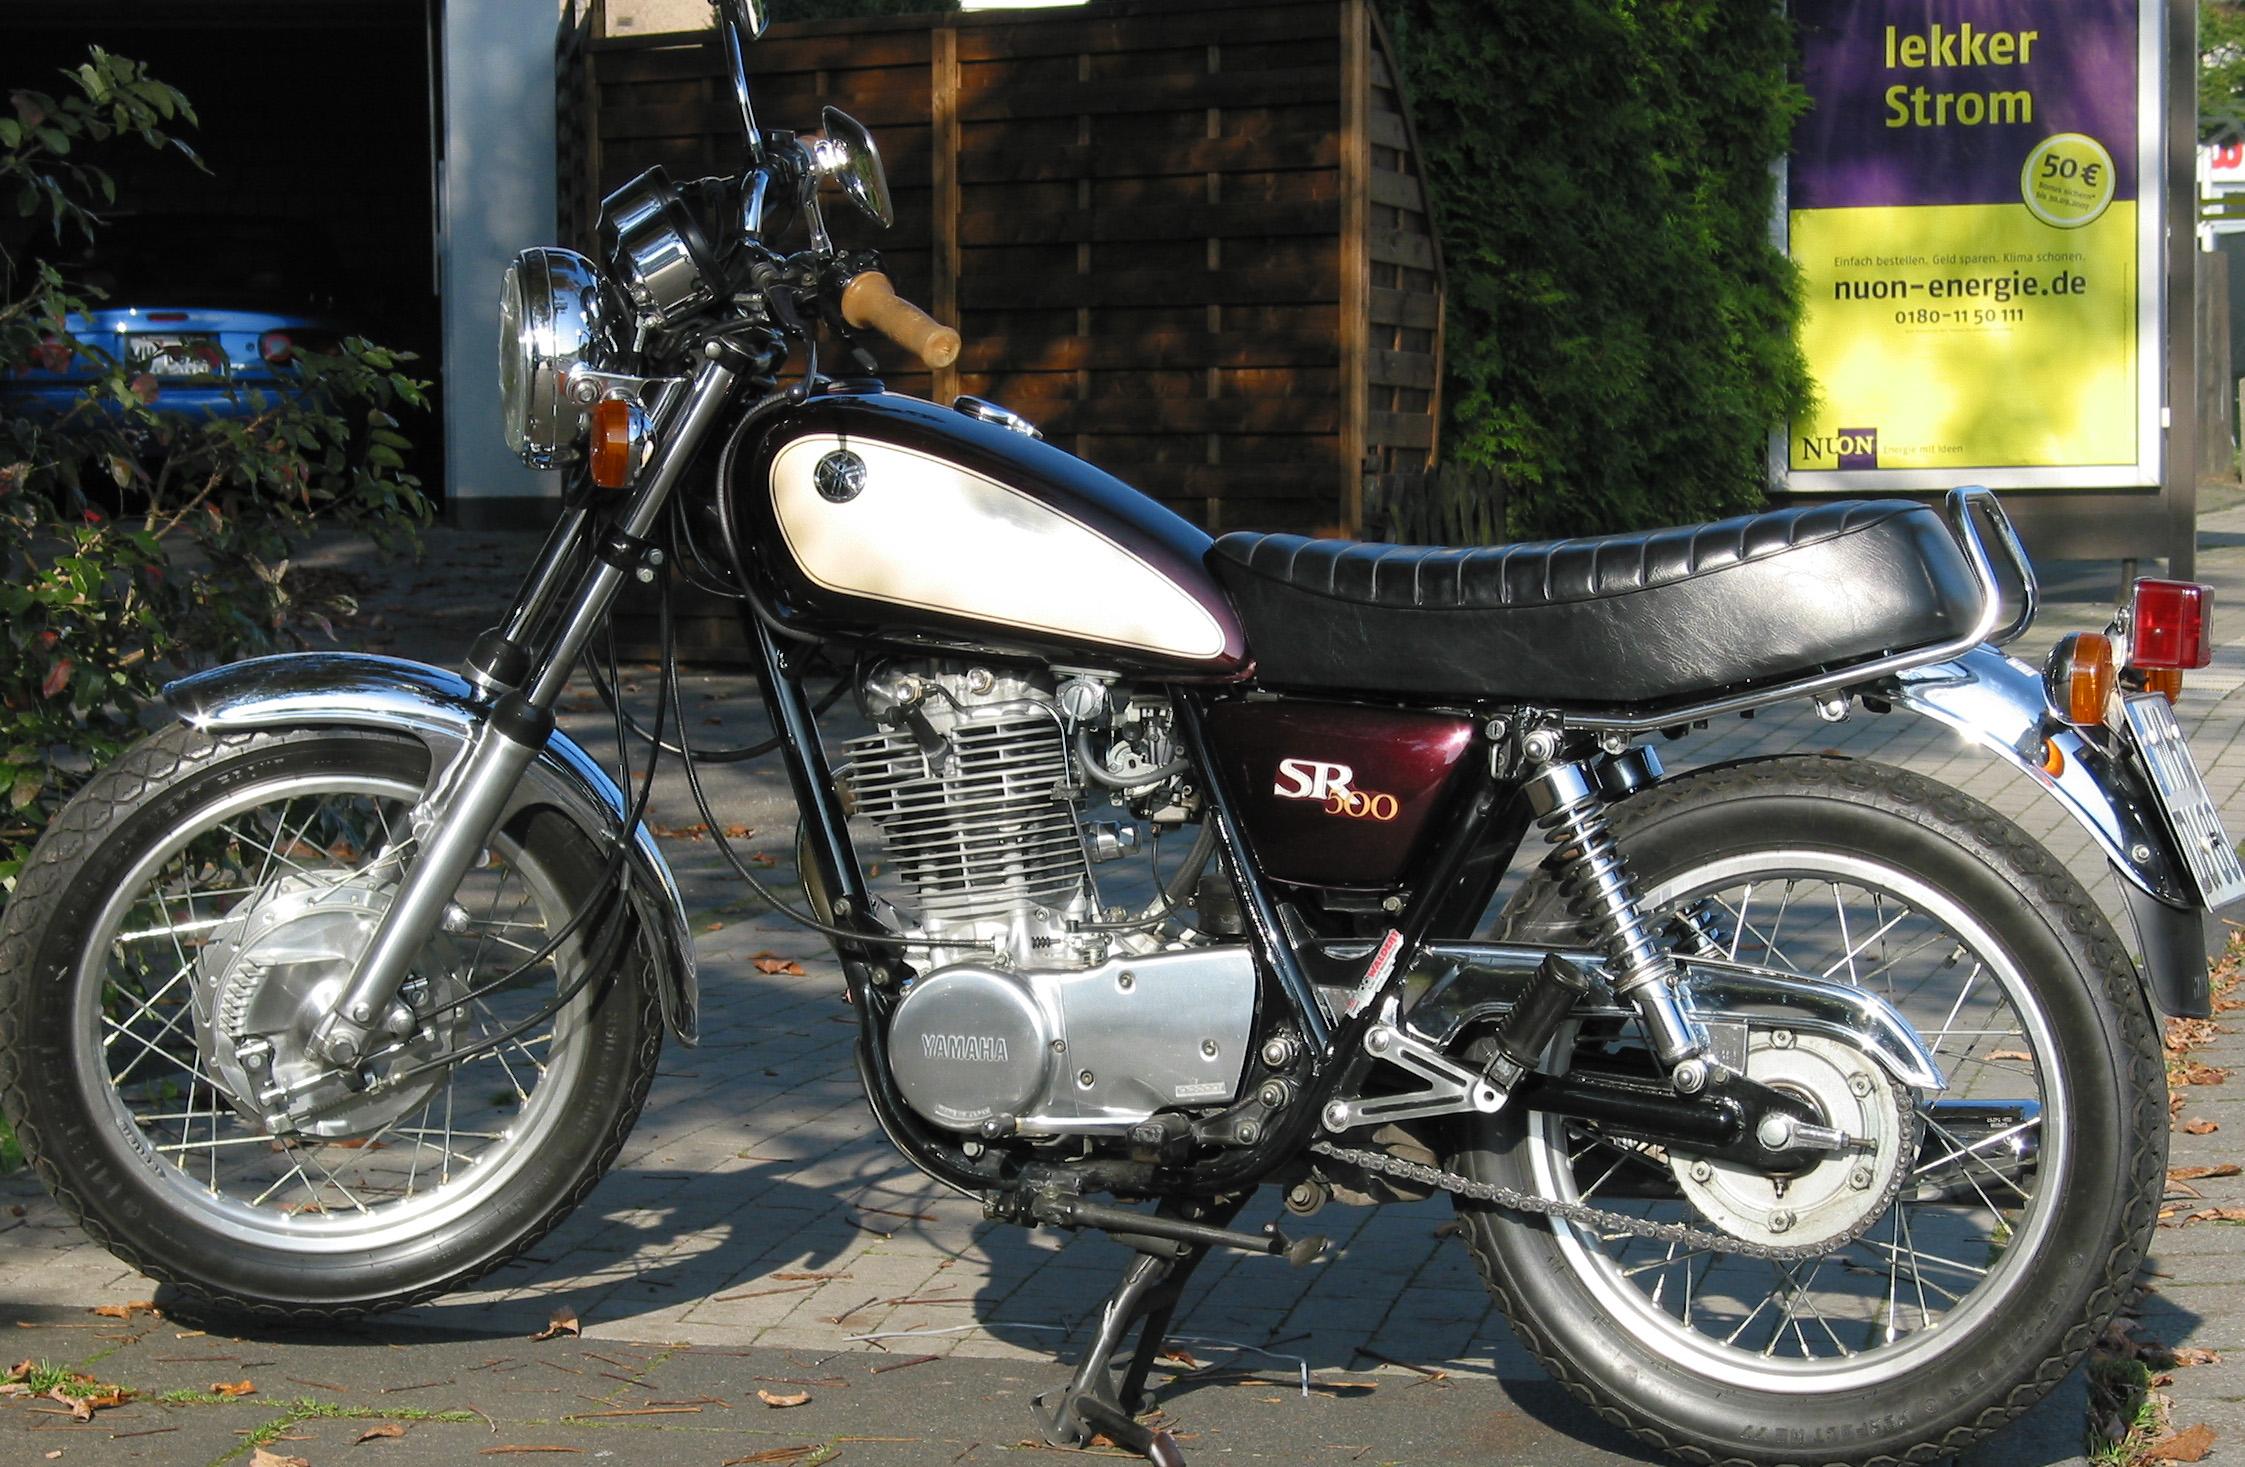 Yamaha SR-500